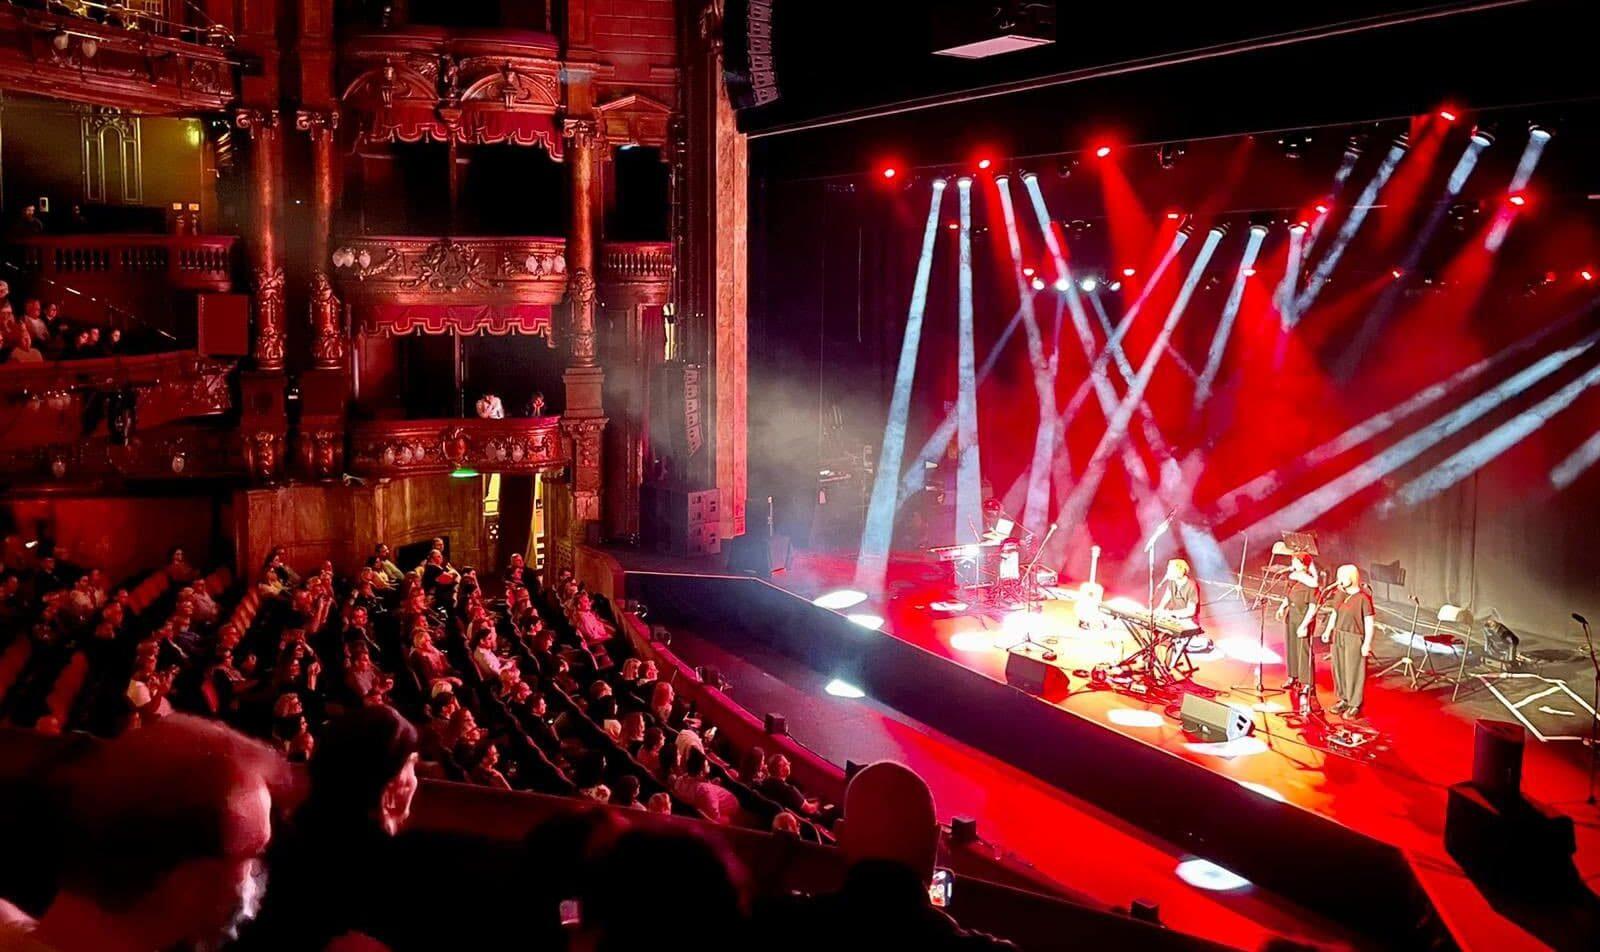 Isaac on stage at the London Palladium